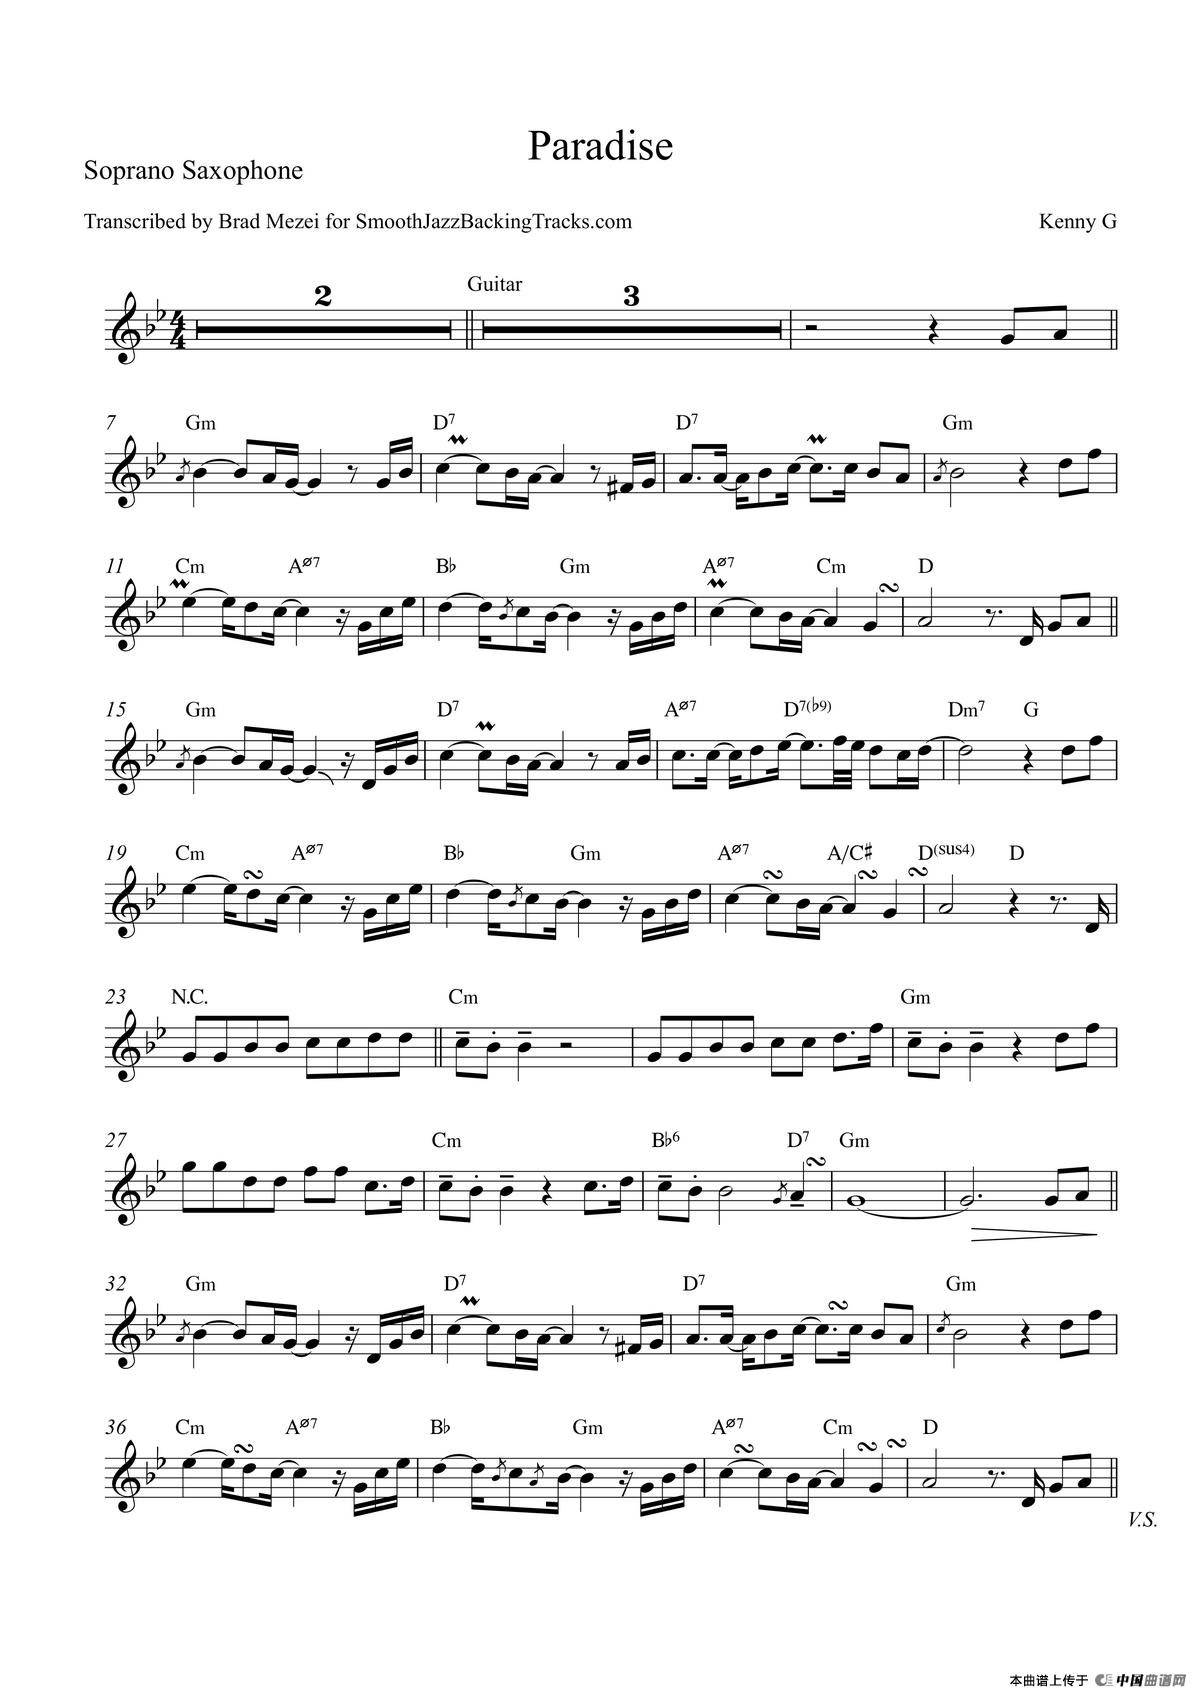 paradise萨克斯谱(高音萨克斯)_器乐乐谱_中国曲谱网